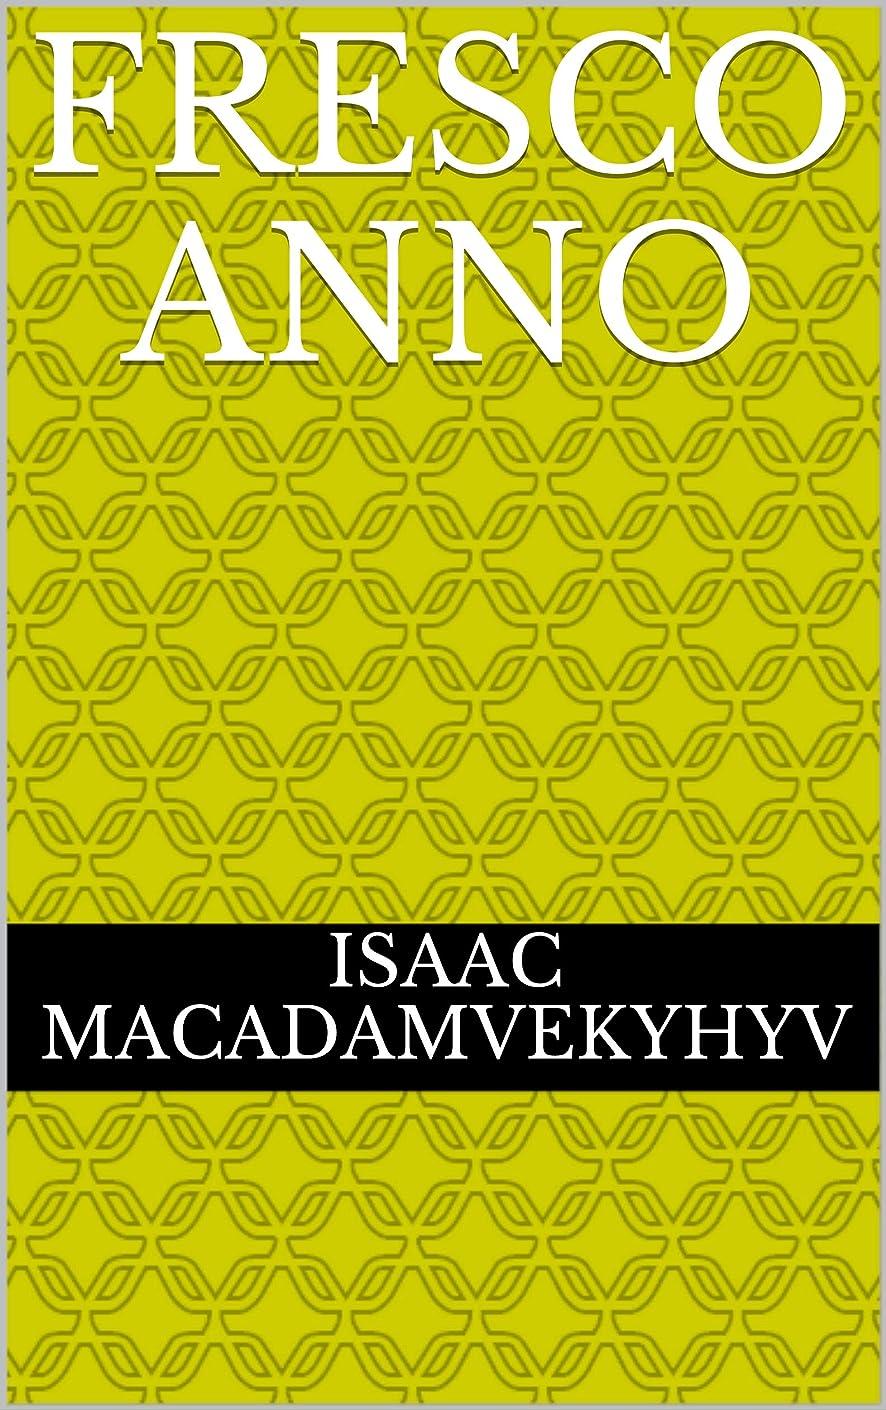 ジャニス枯渇グリーンランドfresco anno (Italian Edition)